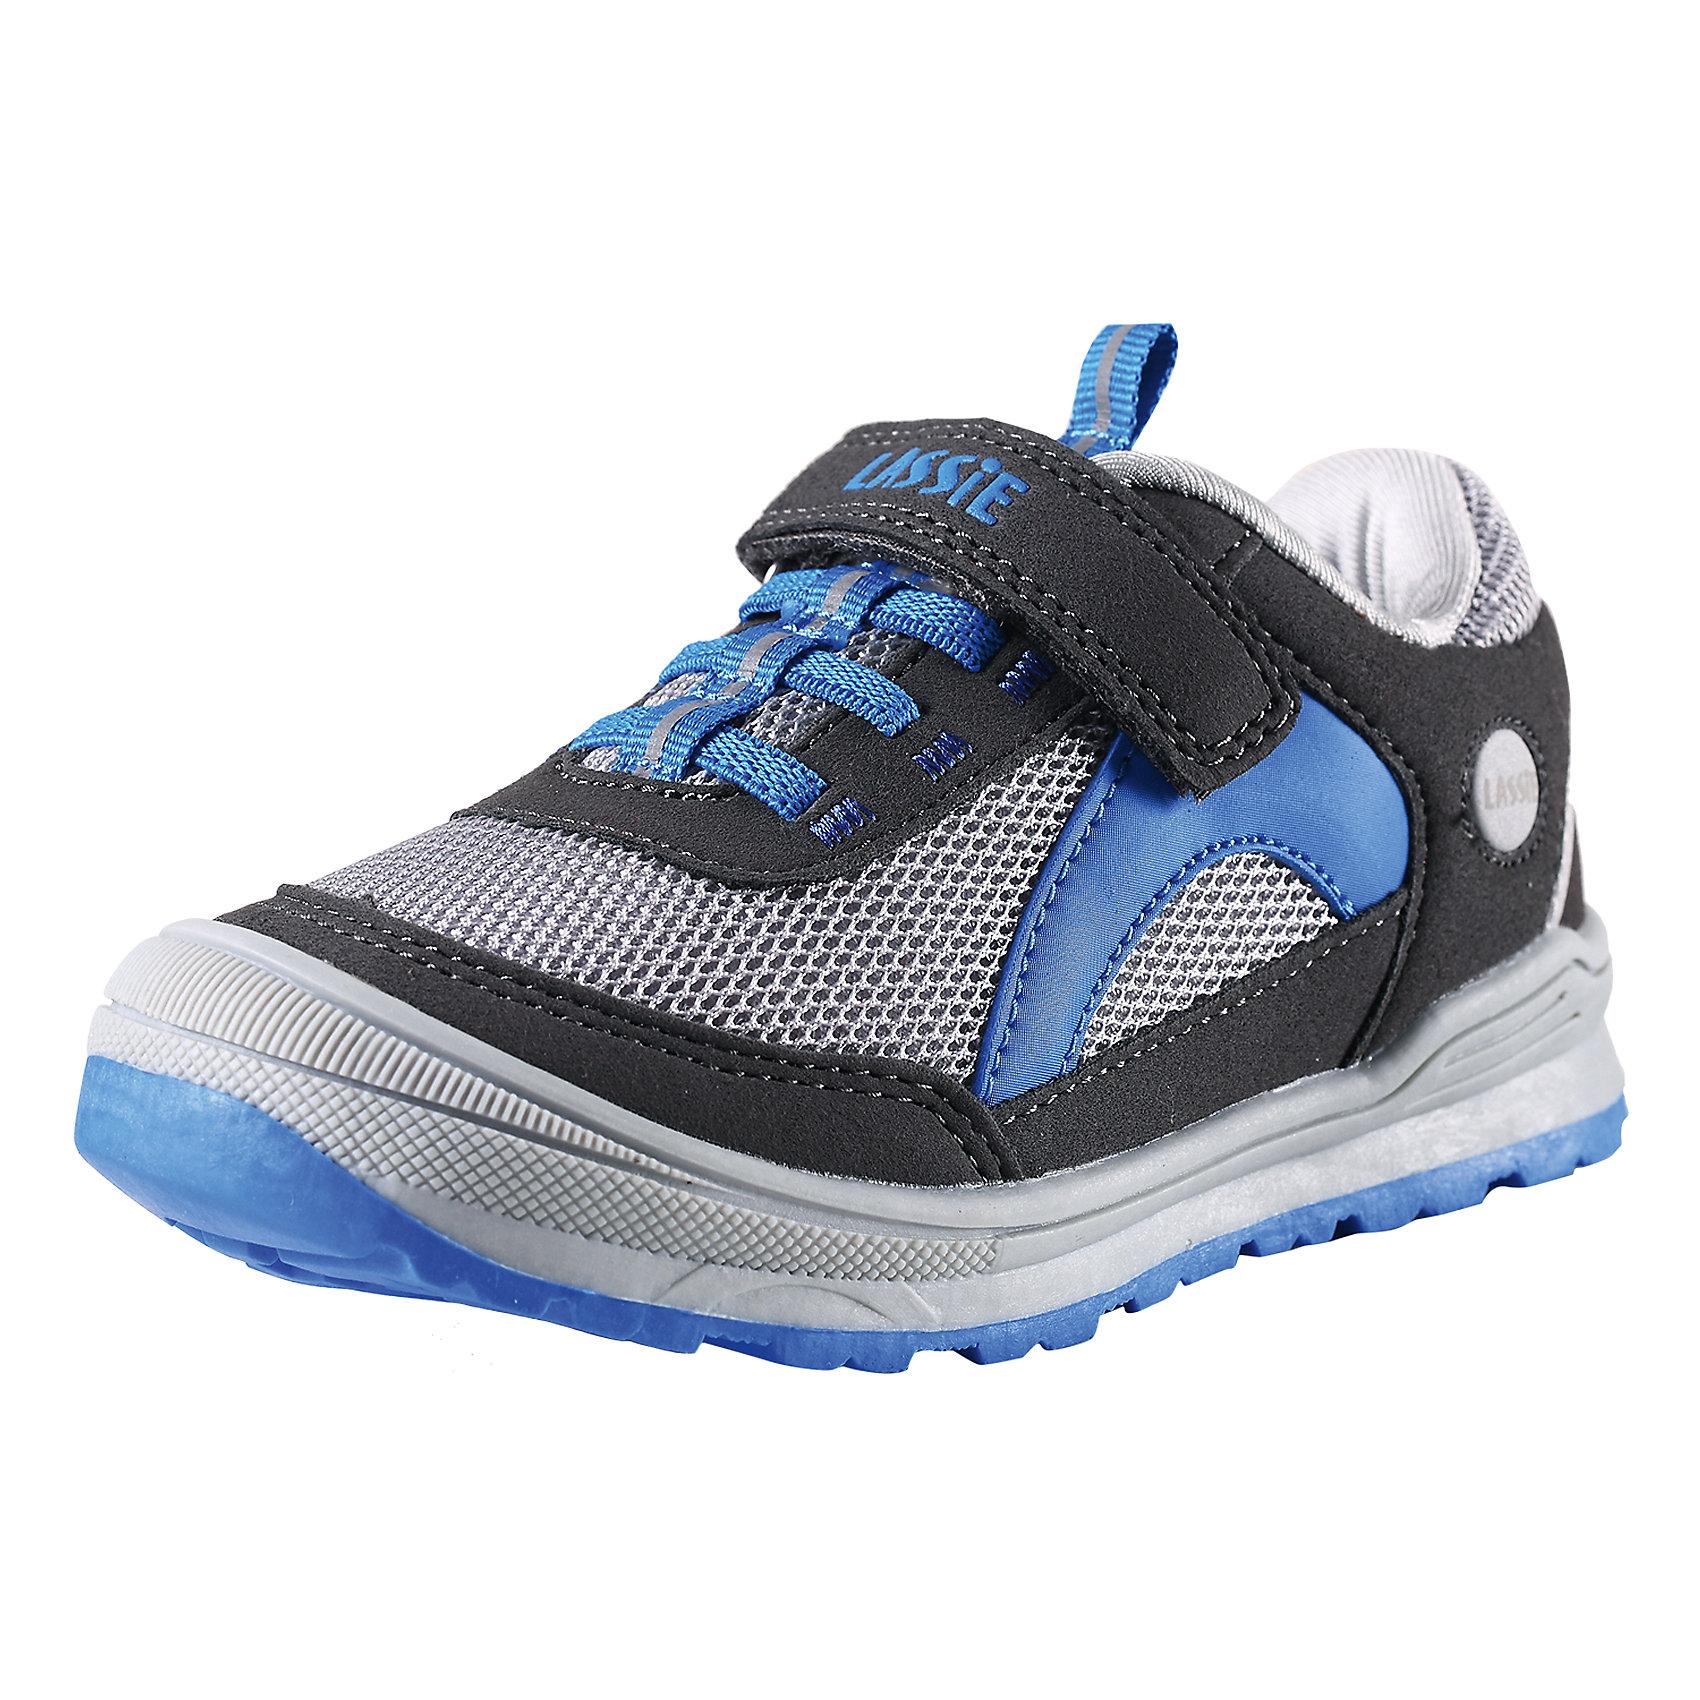 Кроссовки для мальчика LASSIE by ReimaДетские кроссовки, c подкладкой из mesh-сетки, верх из синтетического материала и воздухопроводимого текстиля, светоотражающие детали, съемные стельки, подошва из термопластичной резины.<br>Состав:<br>50%ПЭ, 50%ПУ<br><br>Ширина мм: 250<br>Глубина мм: 150<br>Высота мм: 150<br>Вес г: 250<br>Цвет: разноцветный<br>Возраст от месяцев: 120<br>Возраст до месяцев: 132<br>Пол: Мужской<br>Возраст: Детский<br>Размер: 34,35,30,27,26,31,33,28,32,29<br>SKU: 4555548